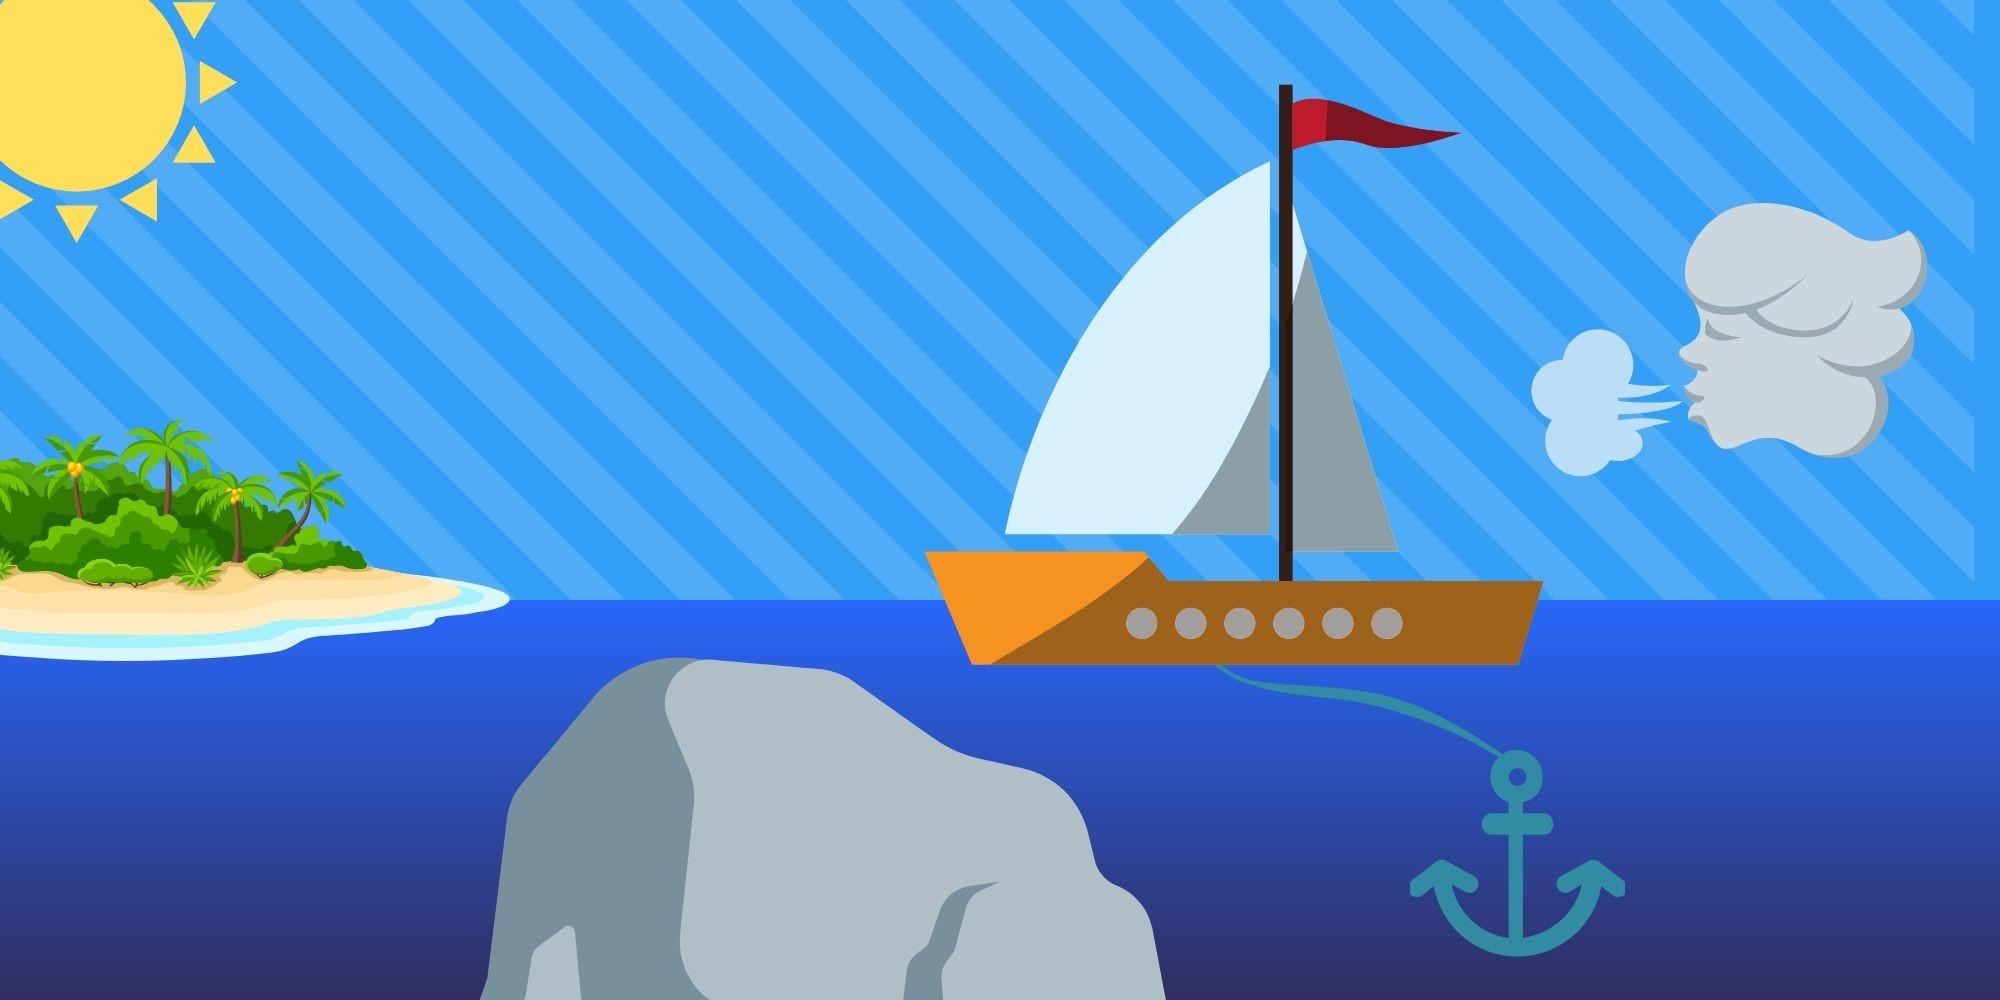 sailboat-mizansen